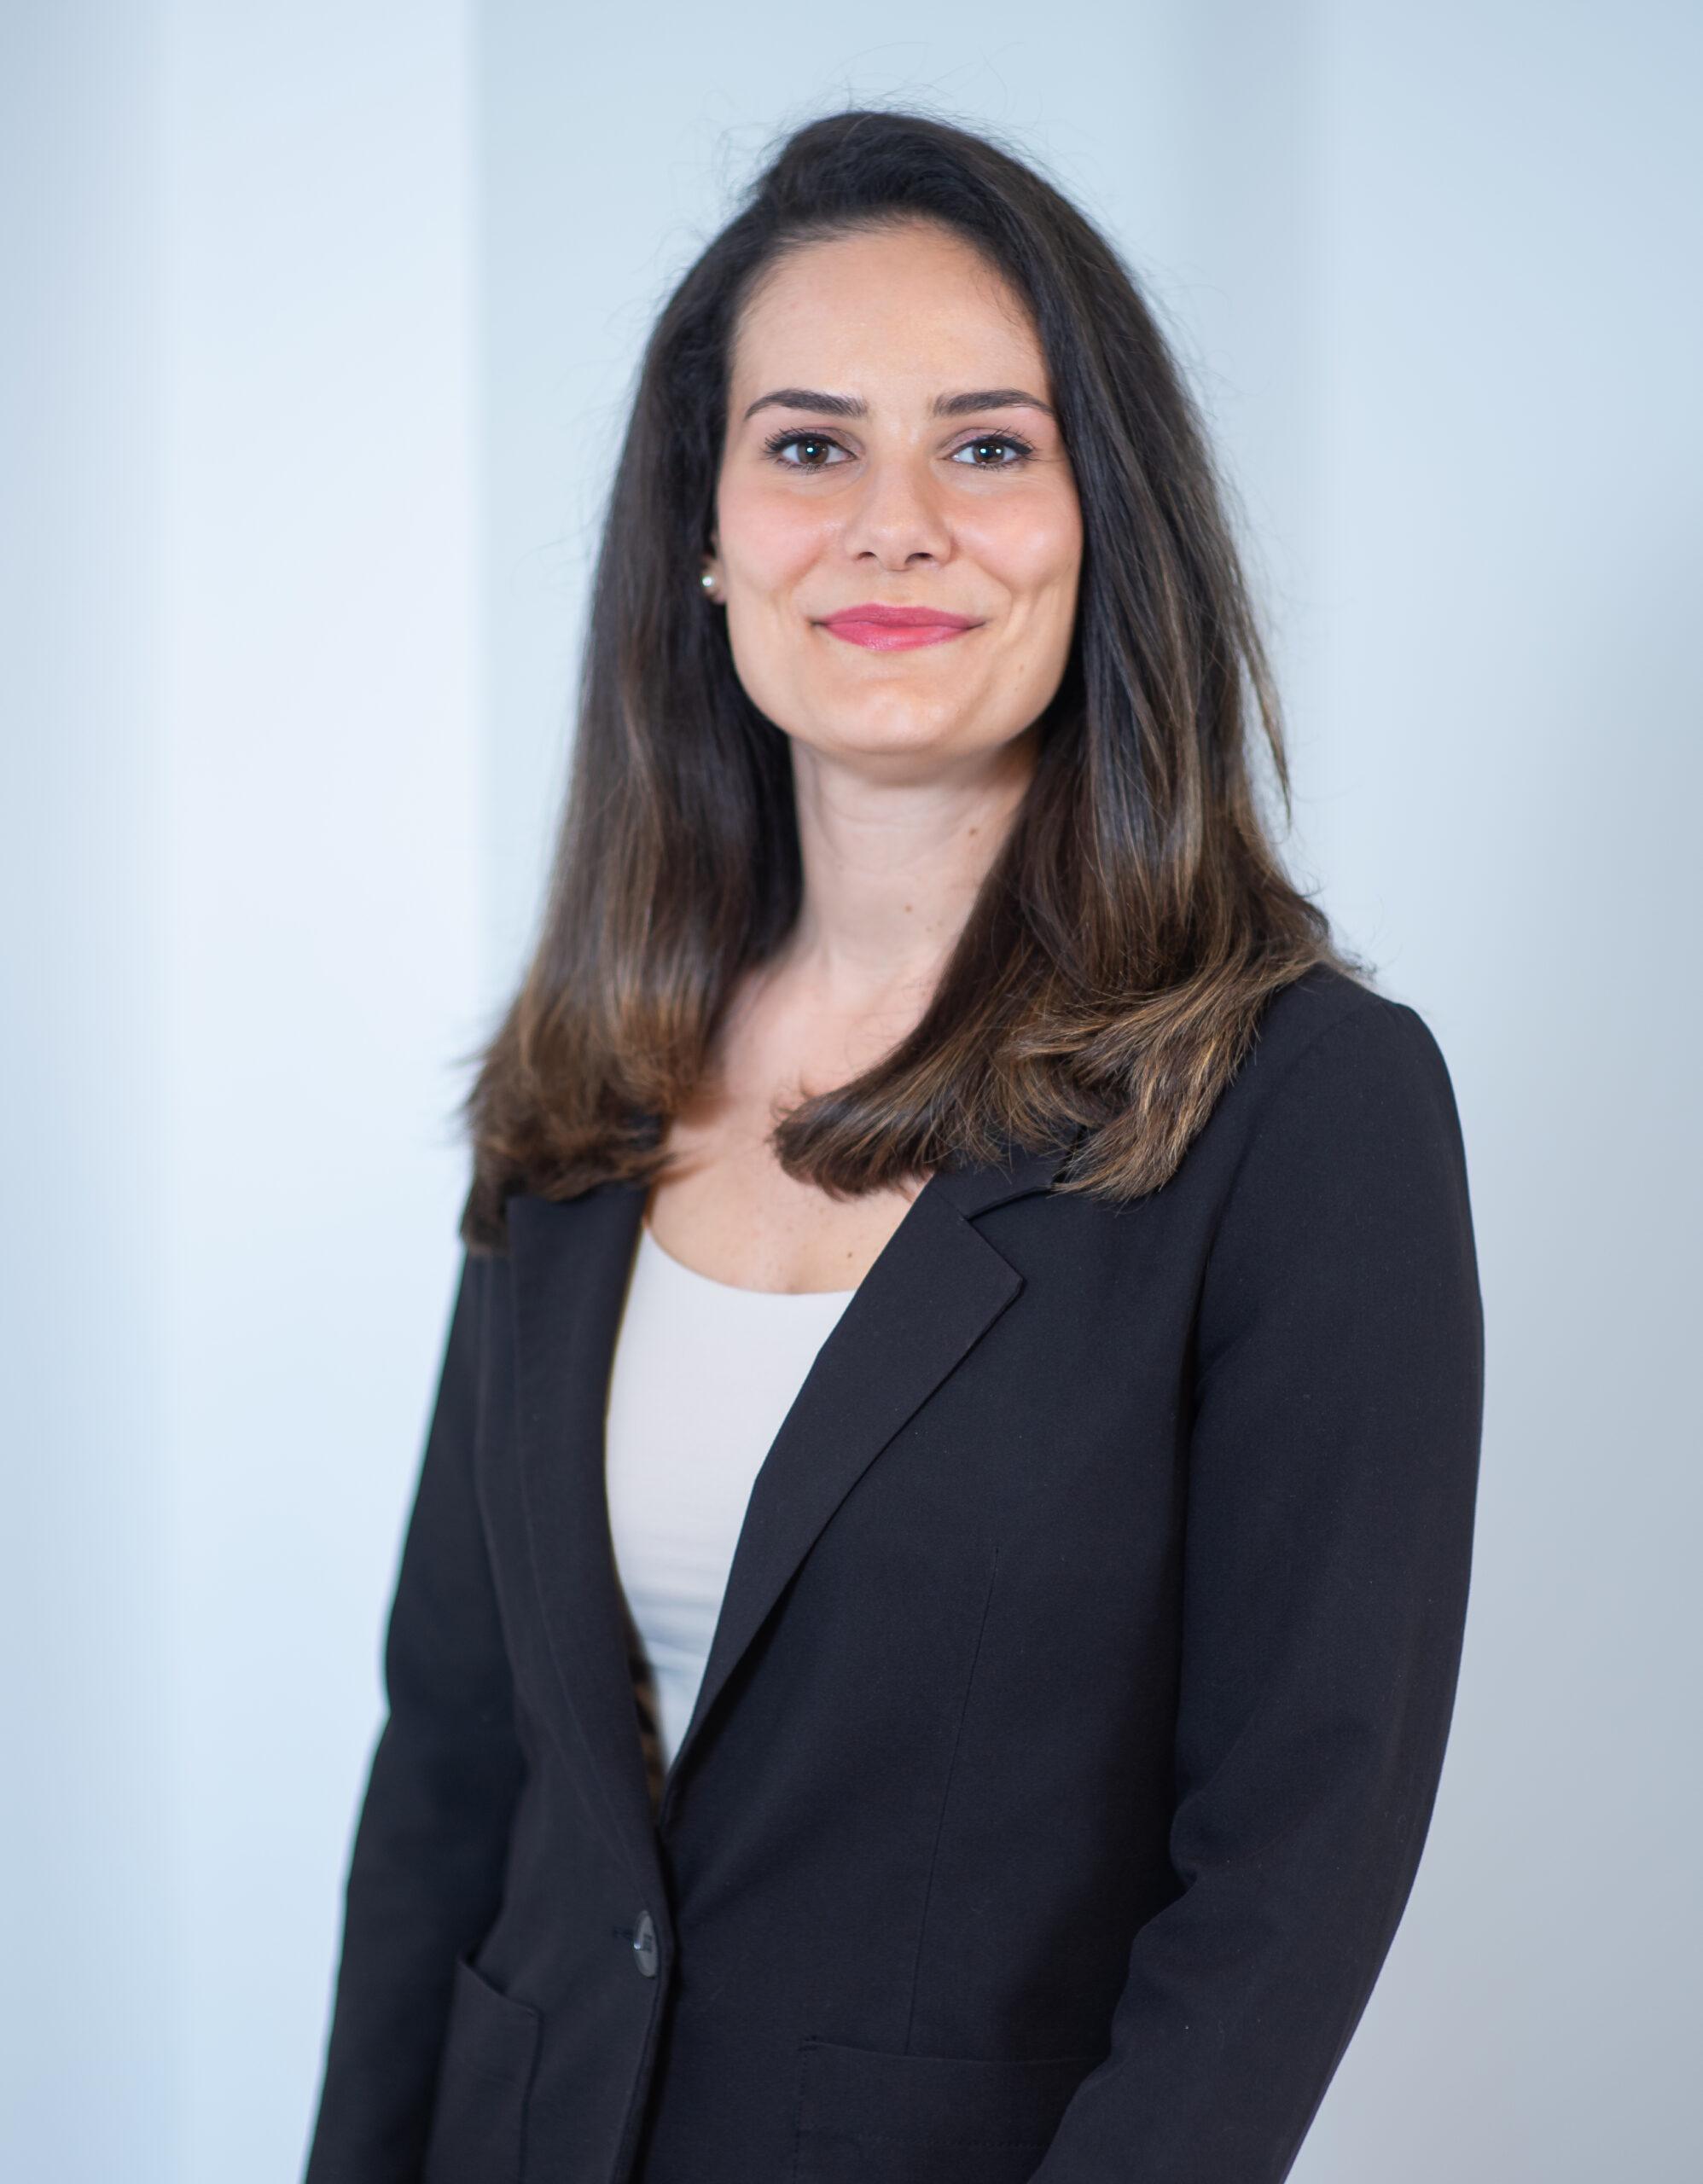 Rechtsanwältin Maria Derra